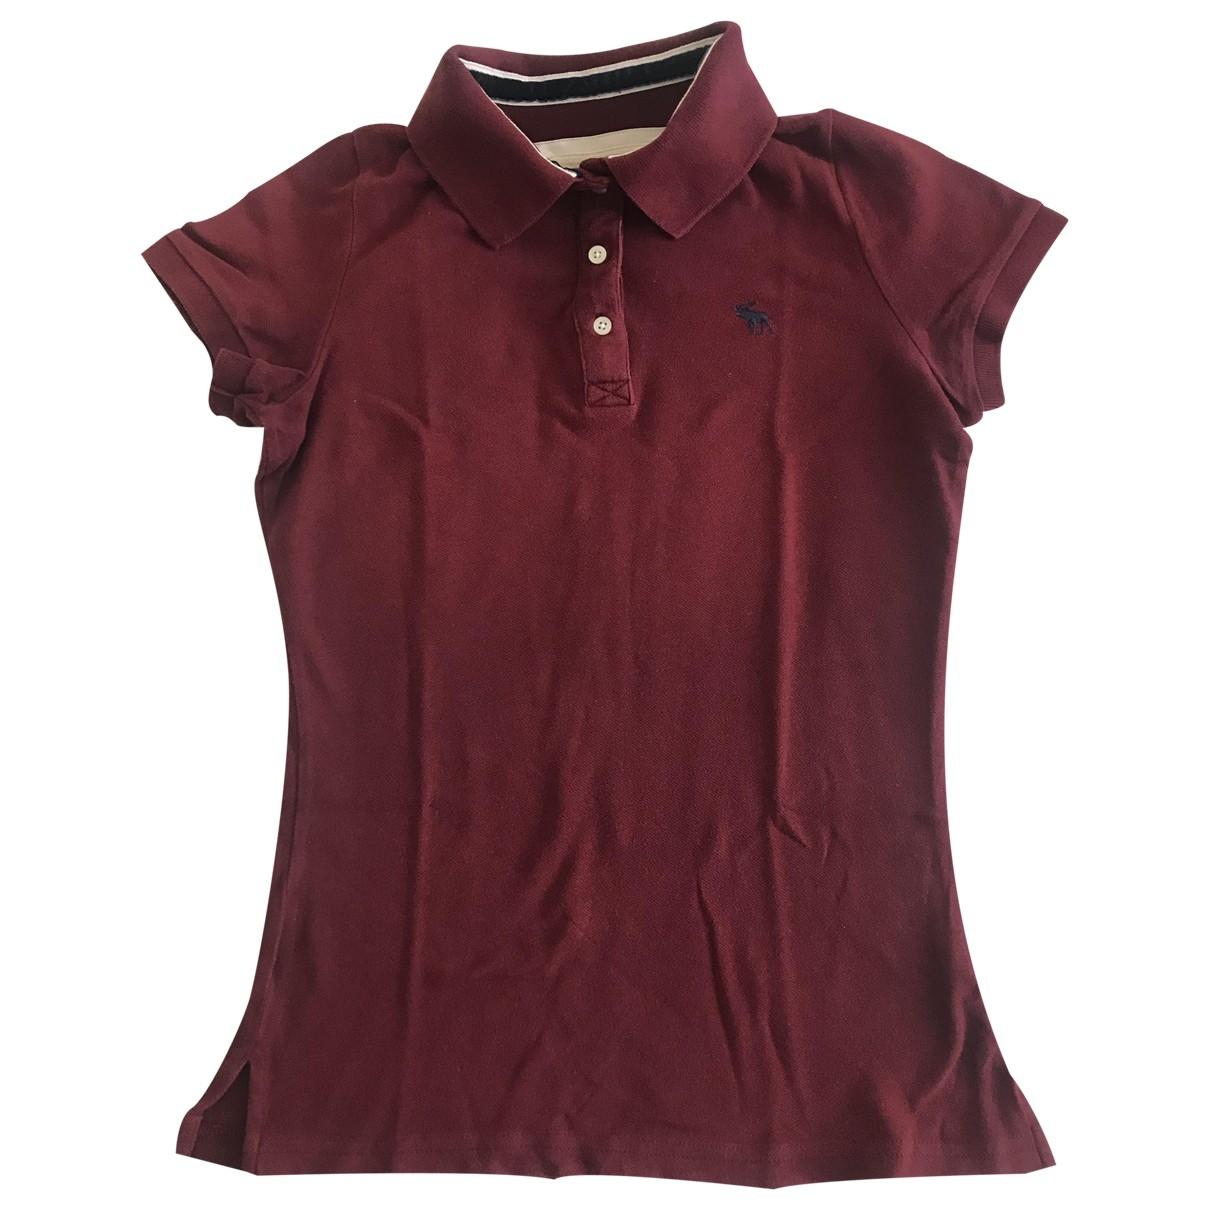 Abercrombie & Fitch - Top   pour femme en coton - bordeaux